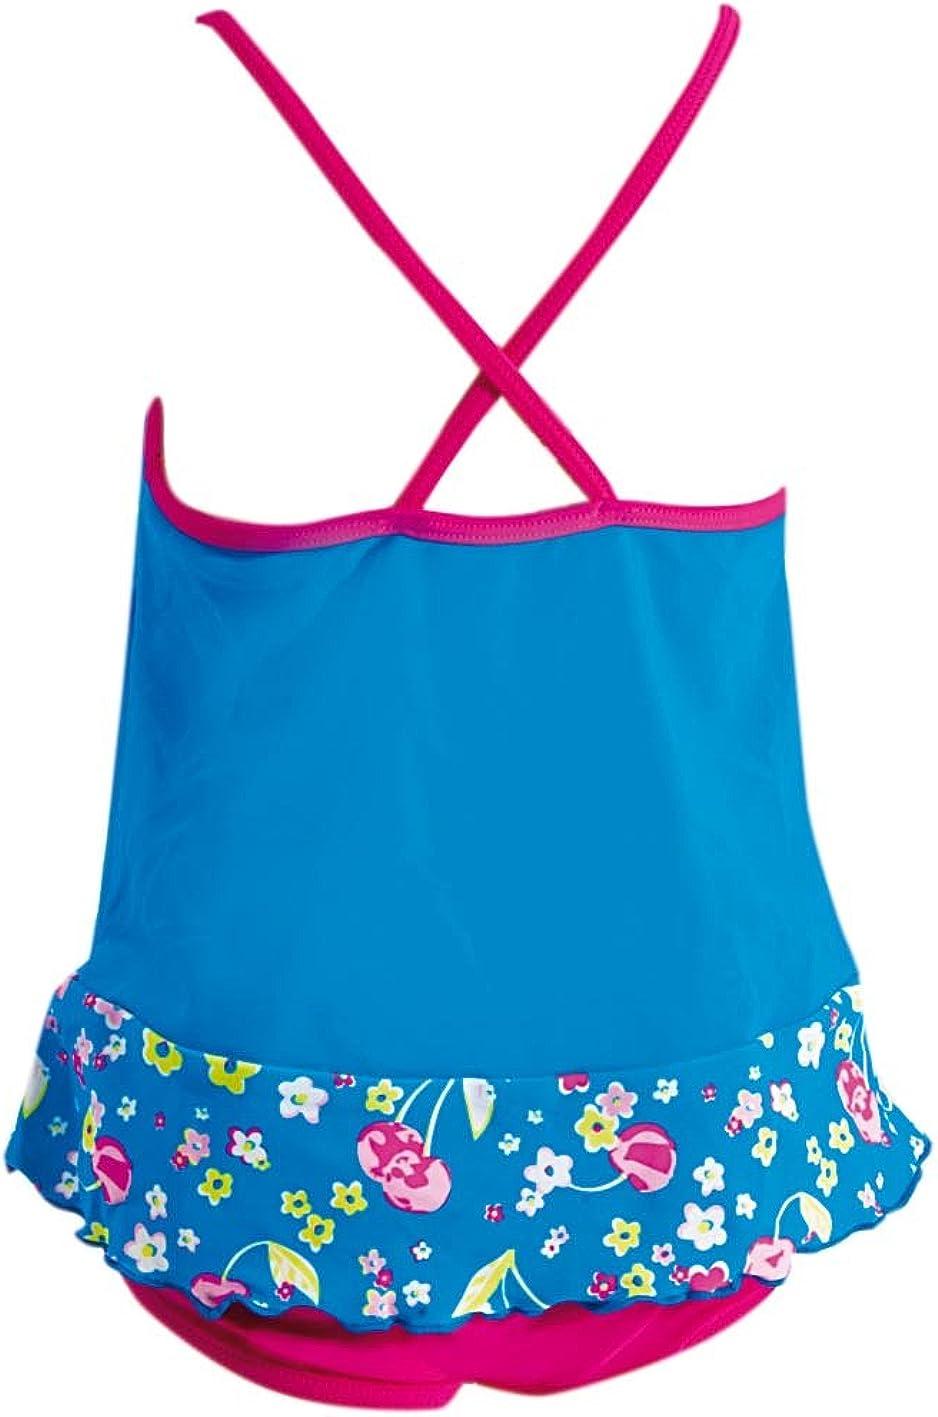 Zoggs Girls Clarity Swimming Costume